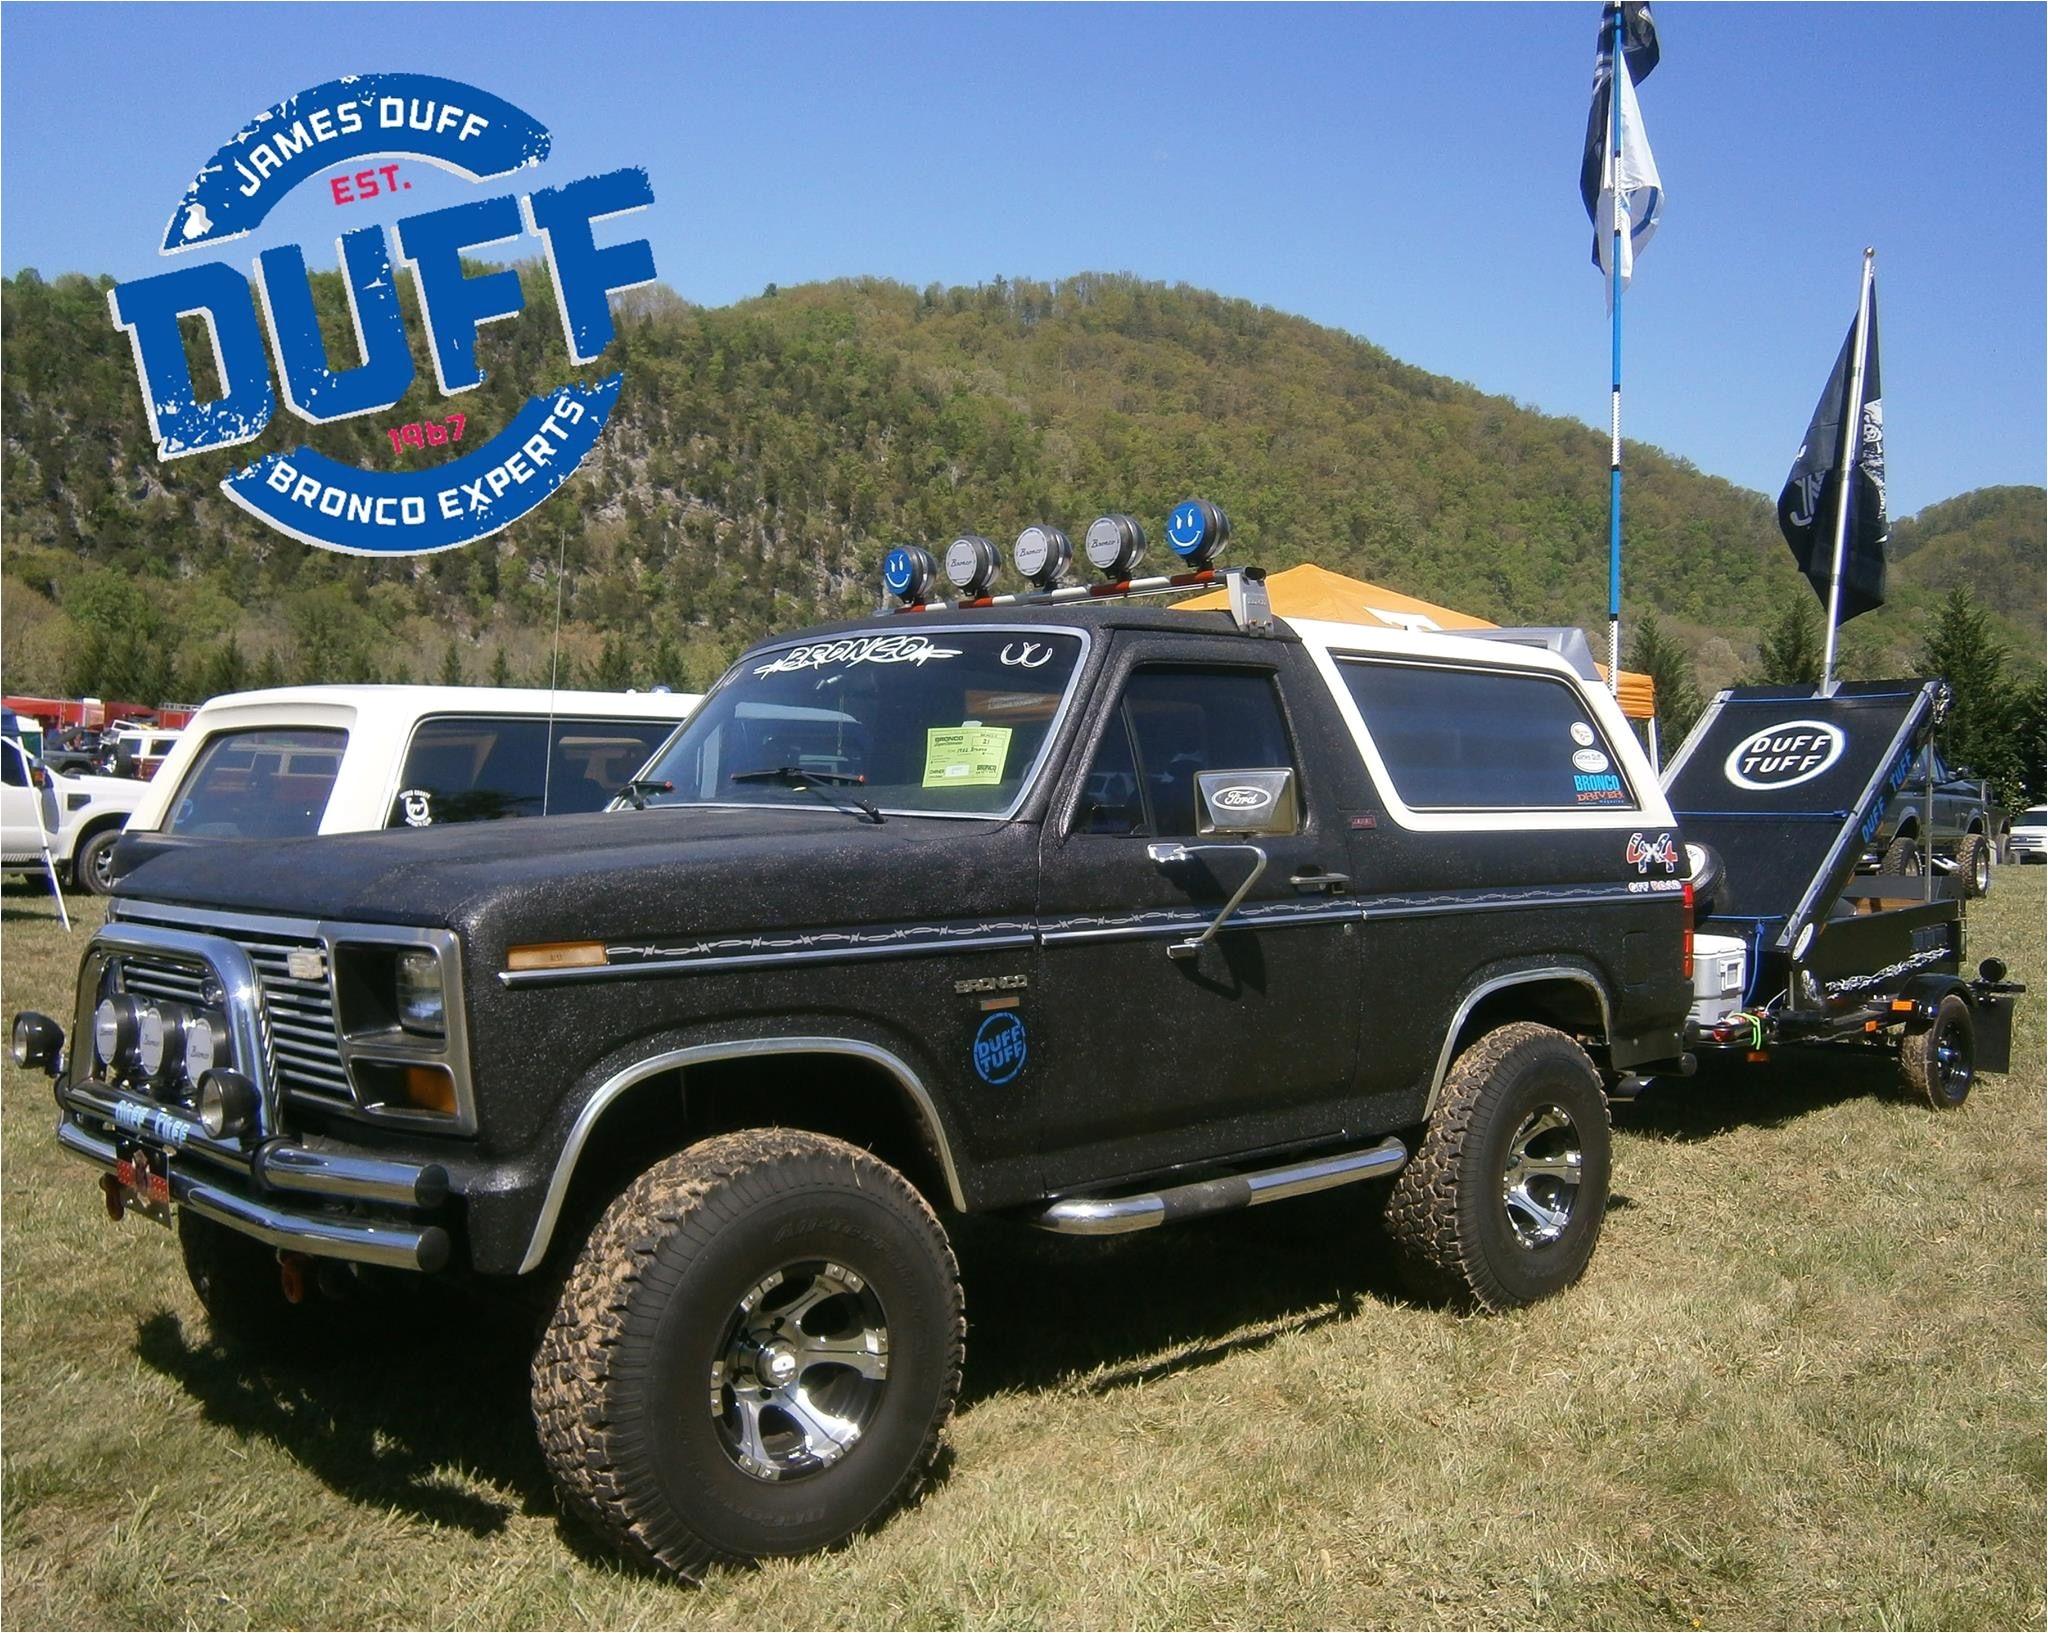 chevy blazer k5 ford bronco broncos 4x4 jeeps trucks jeep truck cars